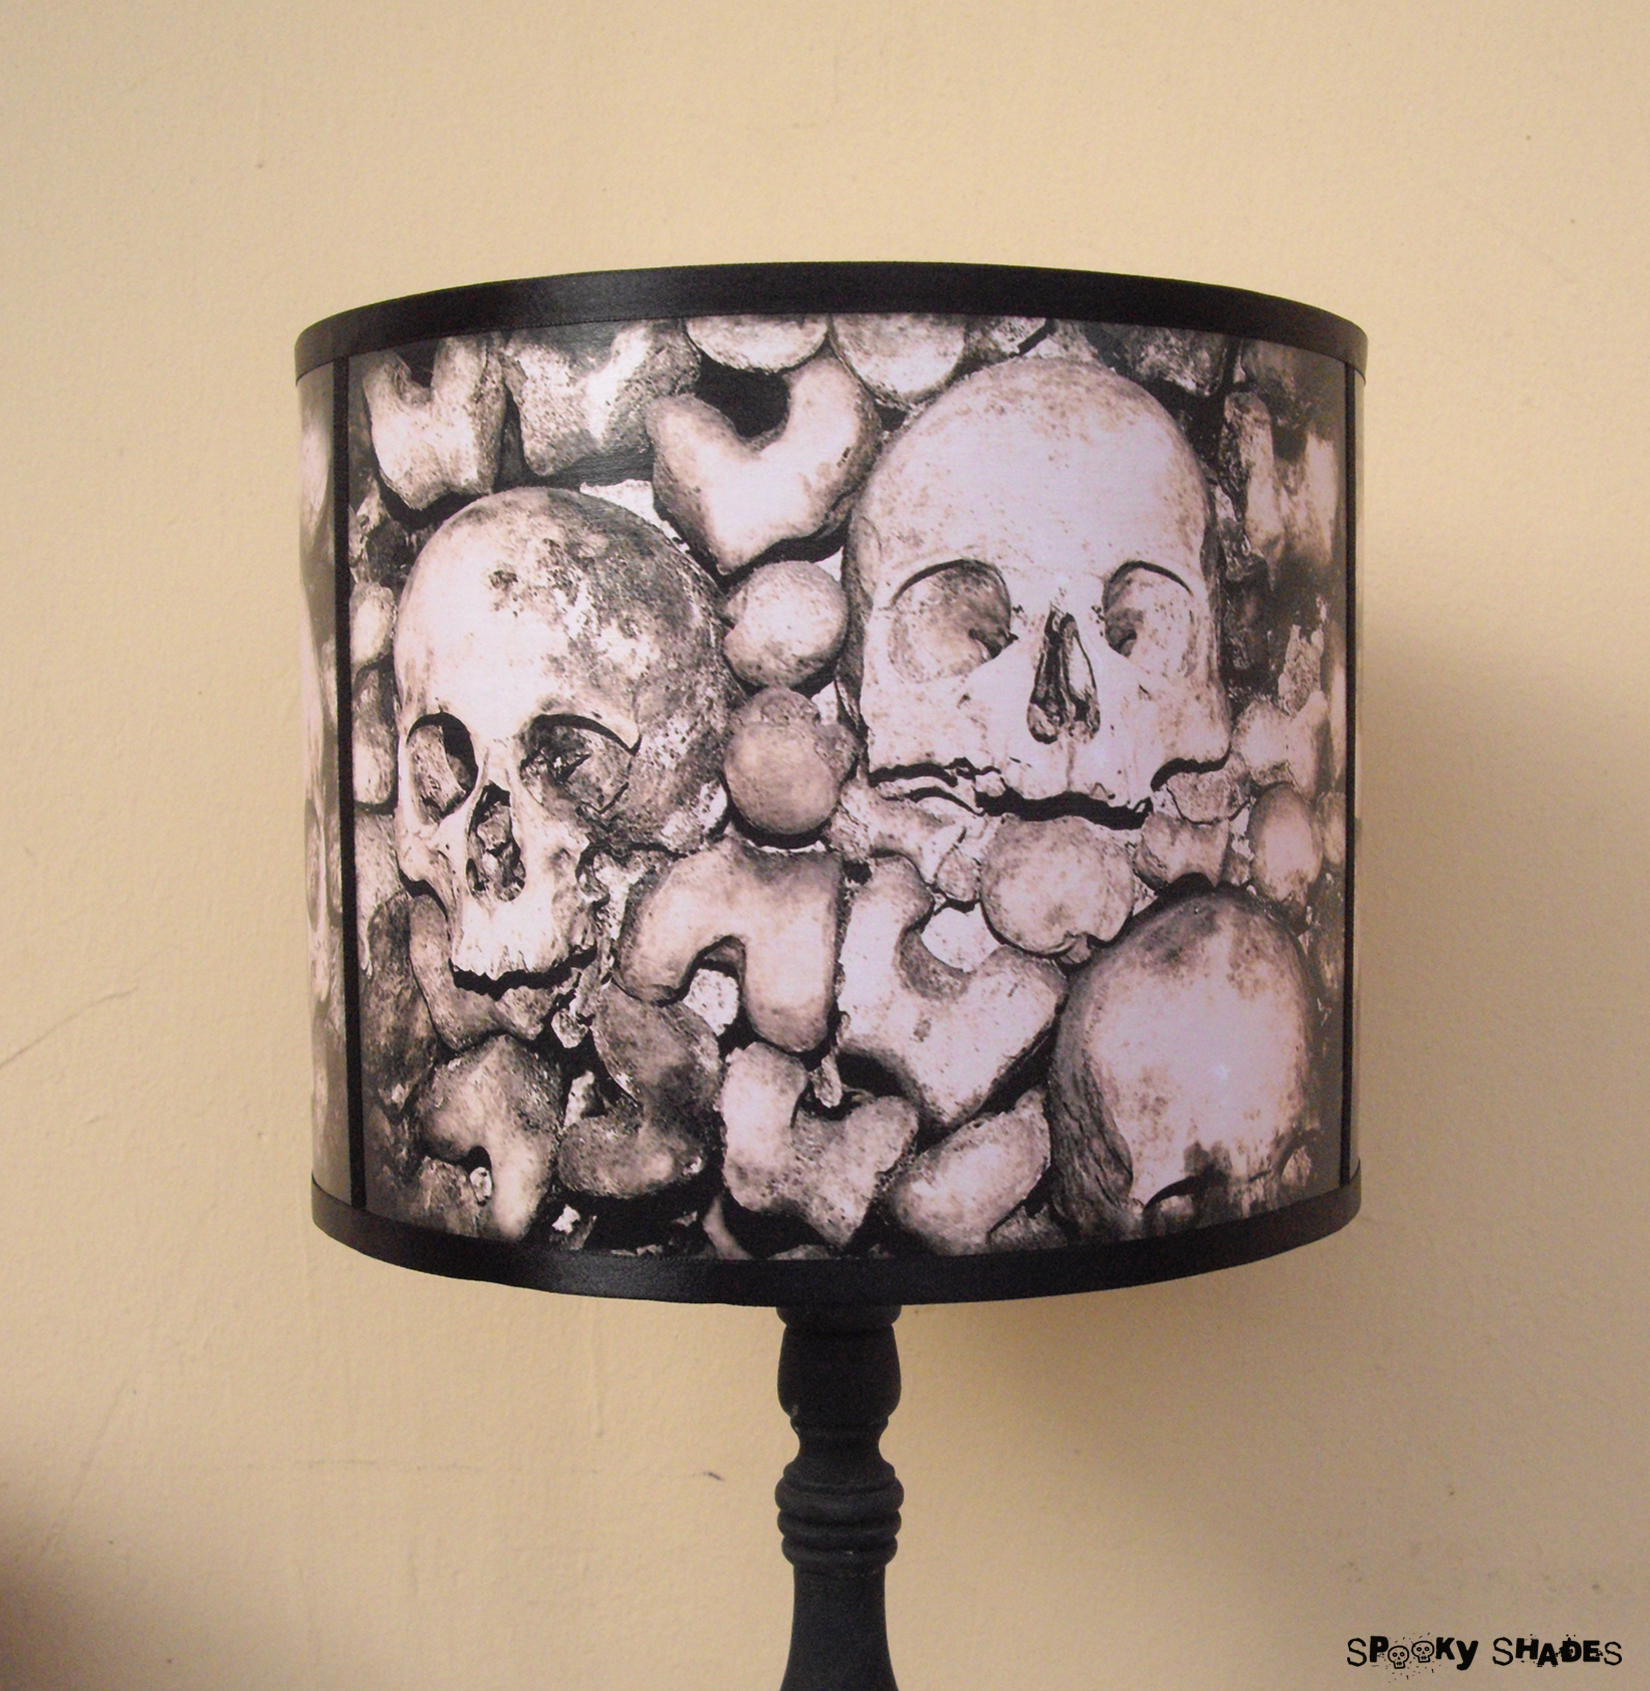 Paris catacombs skull lamp shade lampshade spooky shades online paris catacombs skull lamp shade lampshade thumbnail 3 aloadofball Image collections